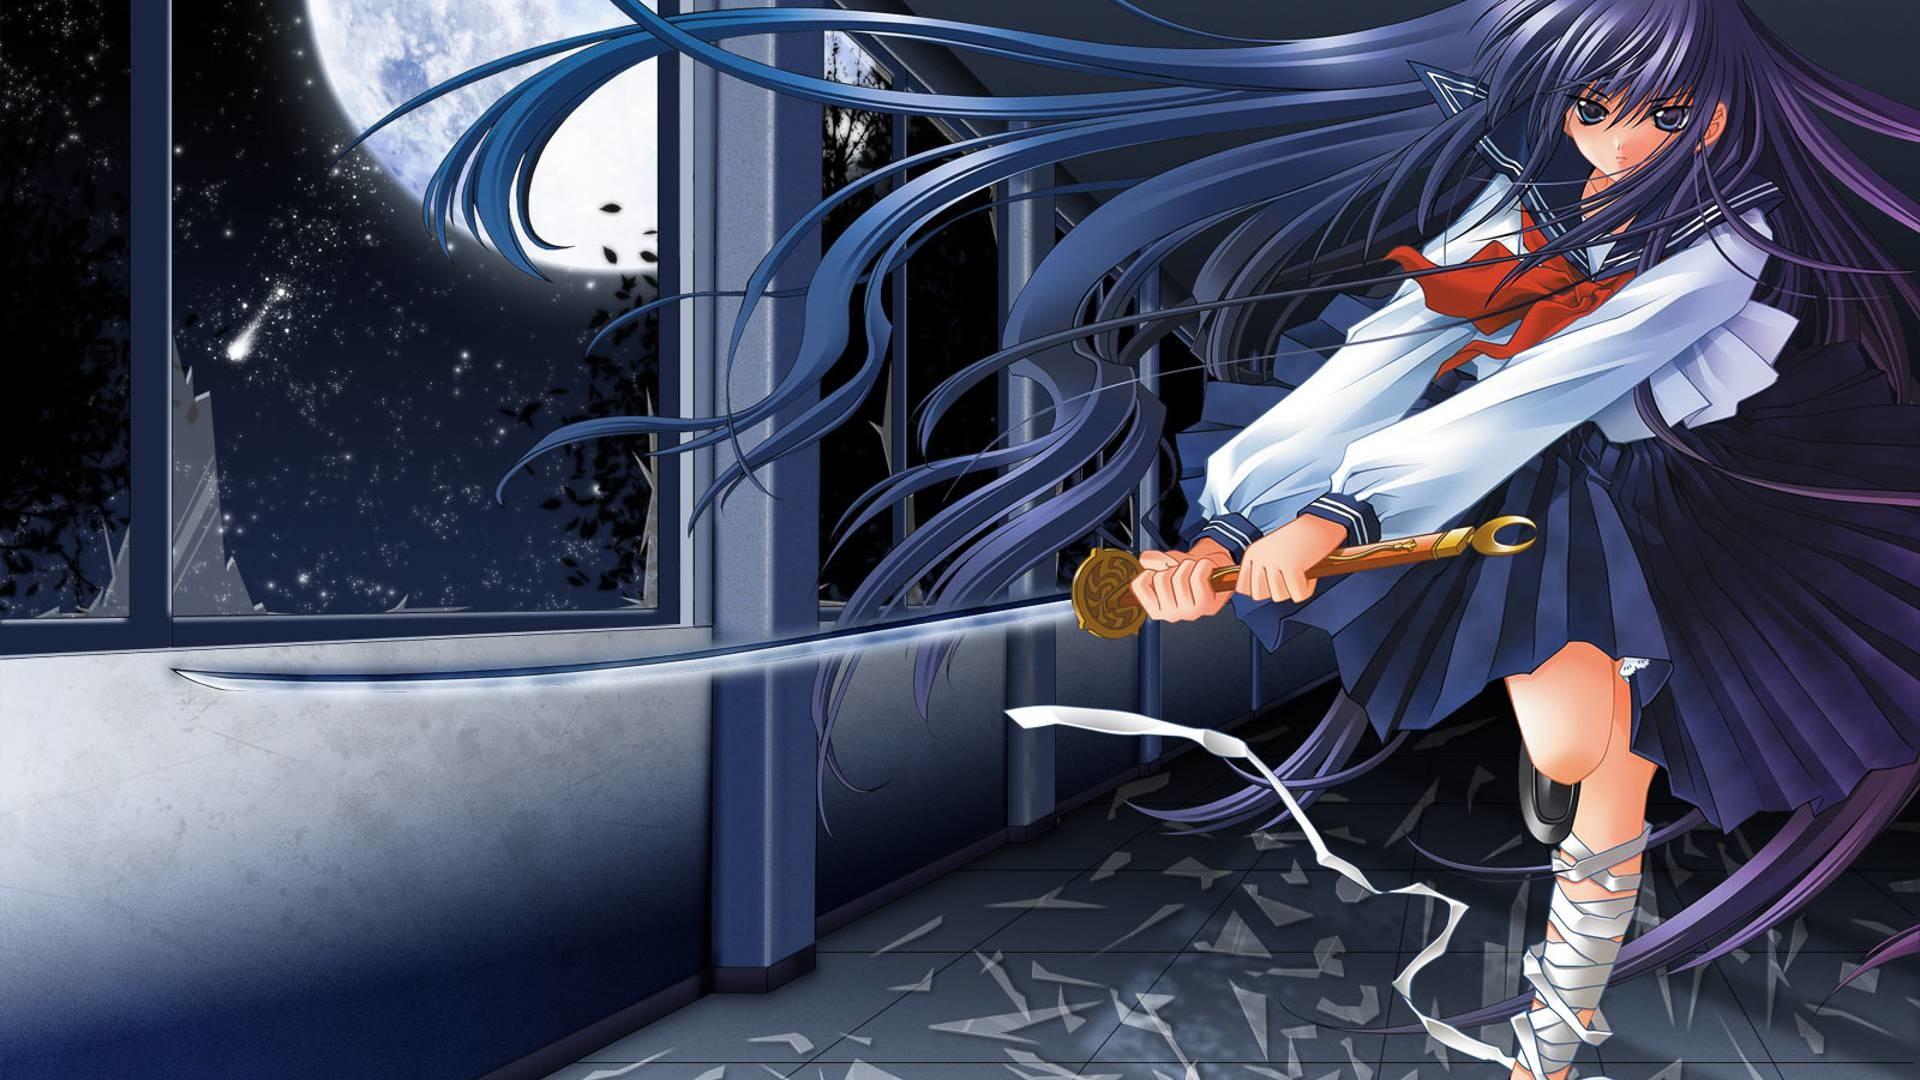 Anime Samurai Girl Wallpaper 72 Images